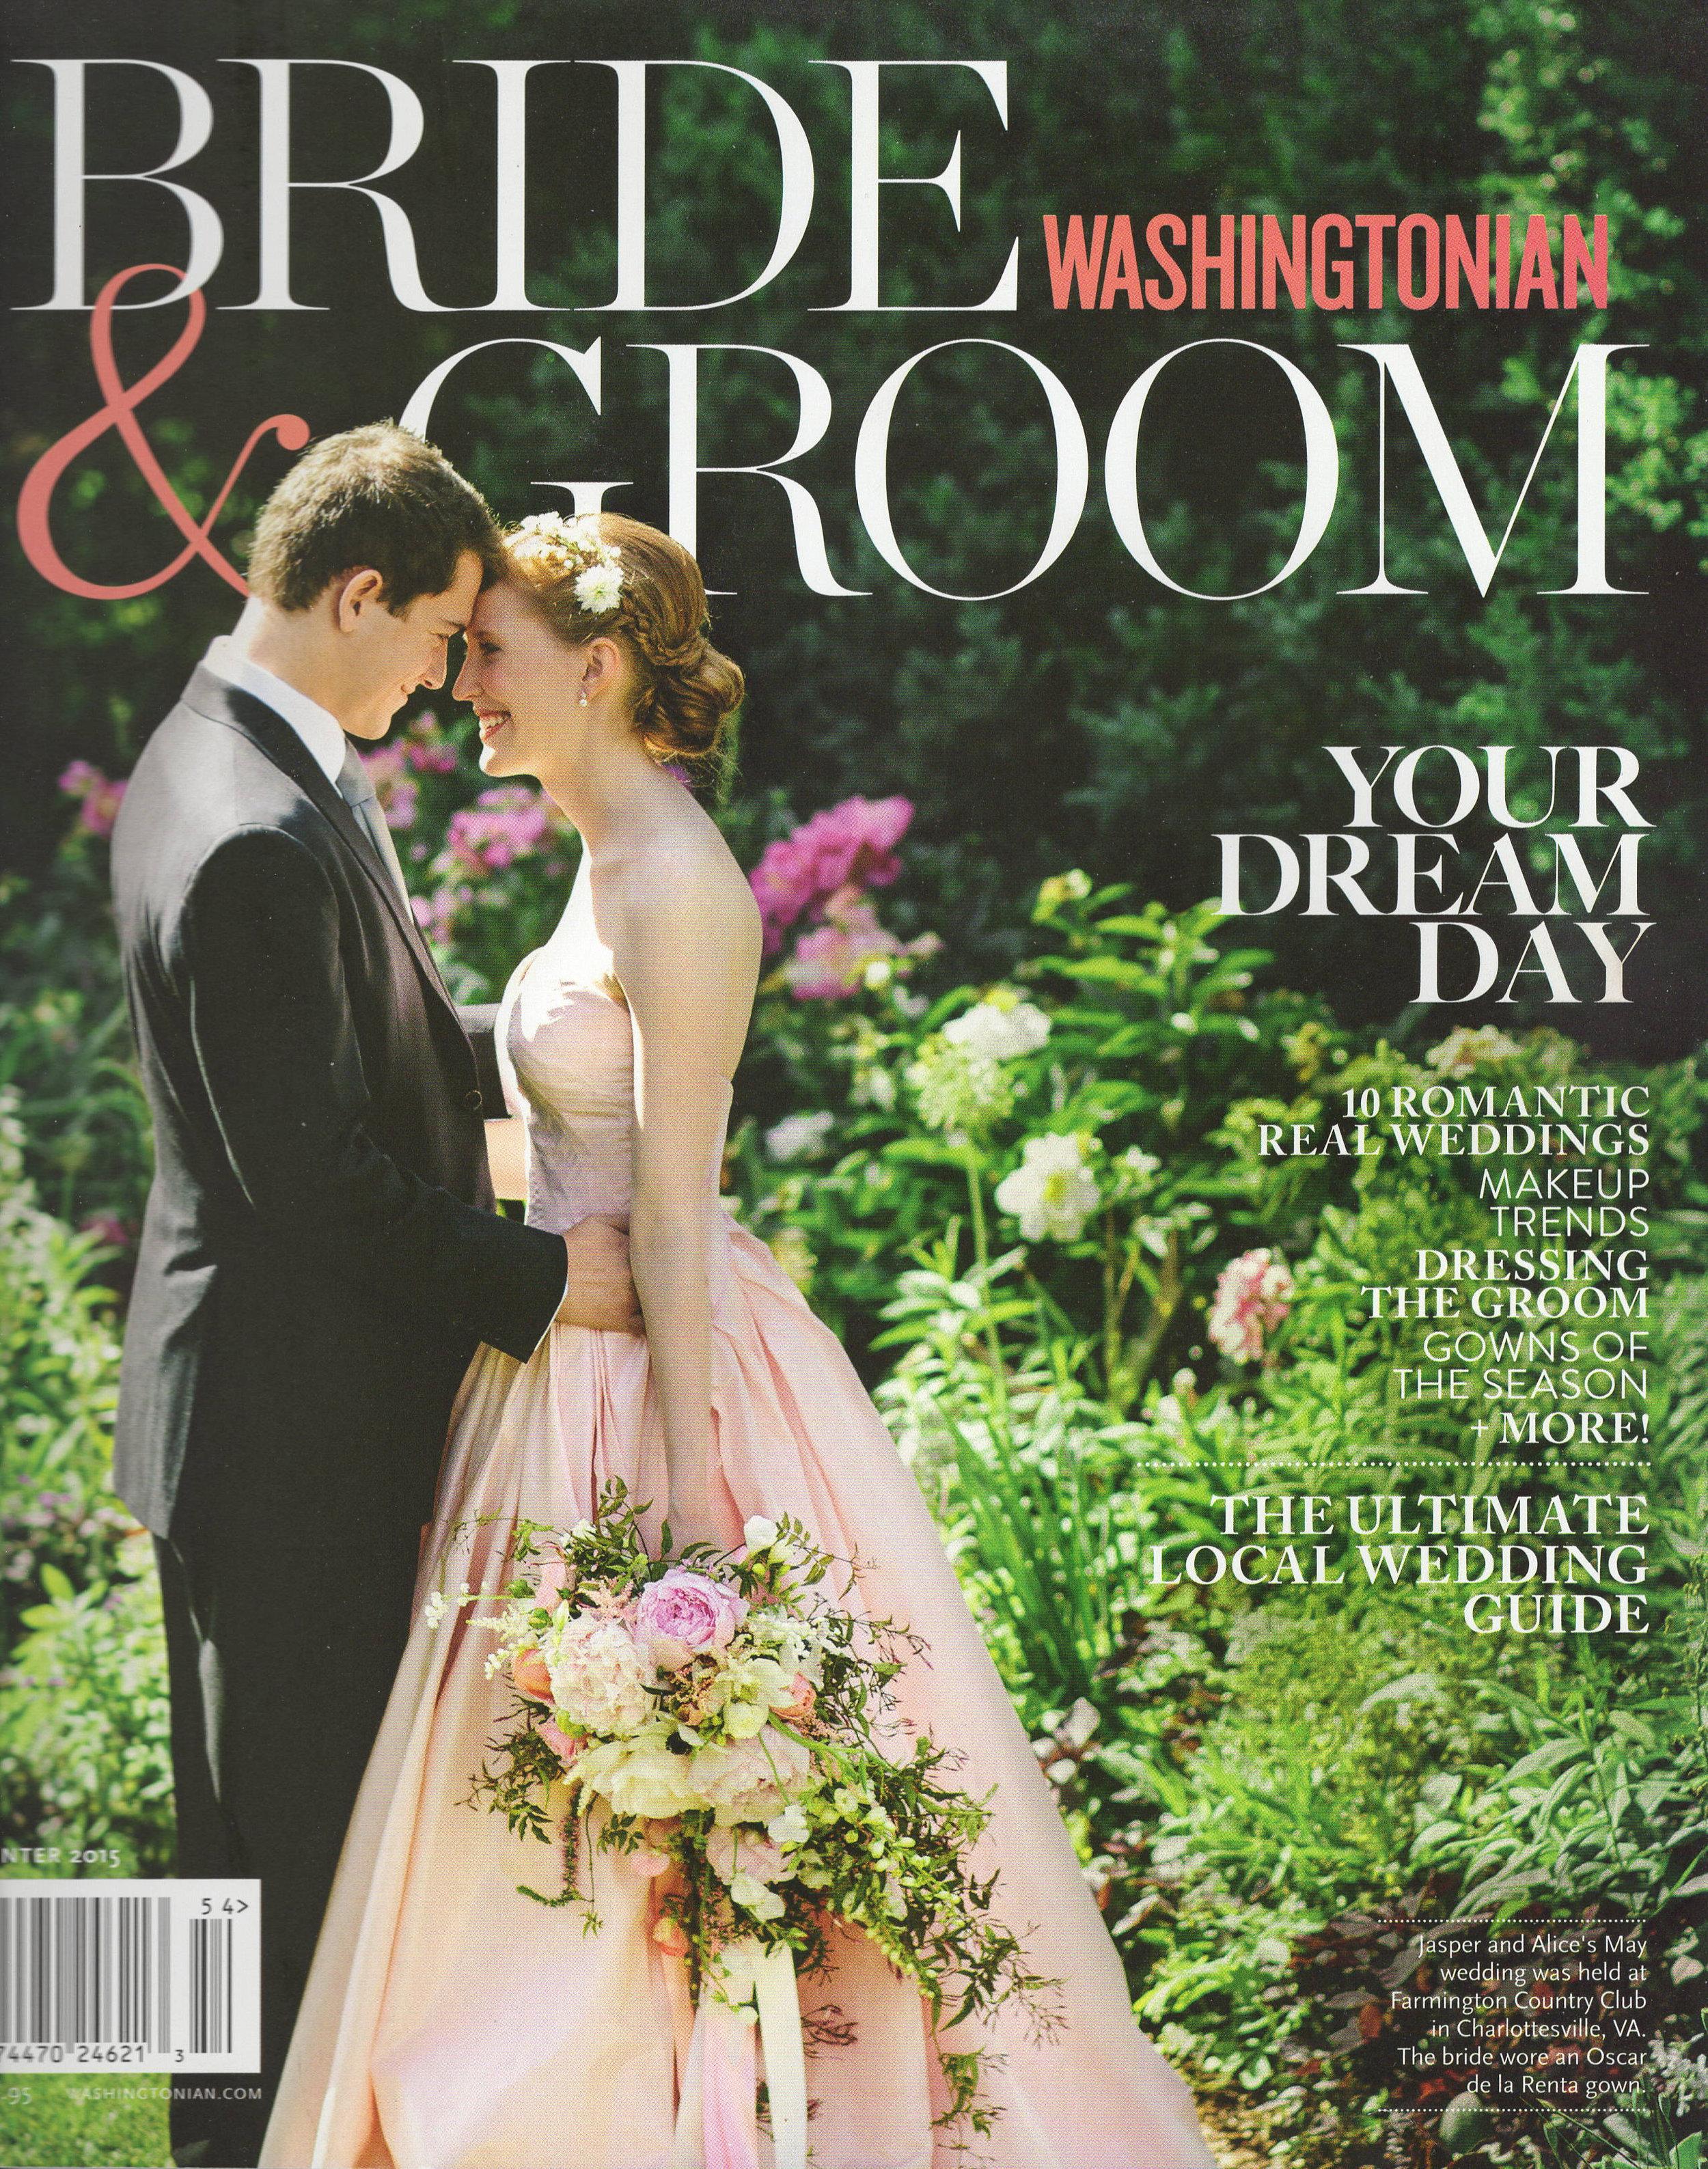 Washingtonian Bride & Groom 4.jpg